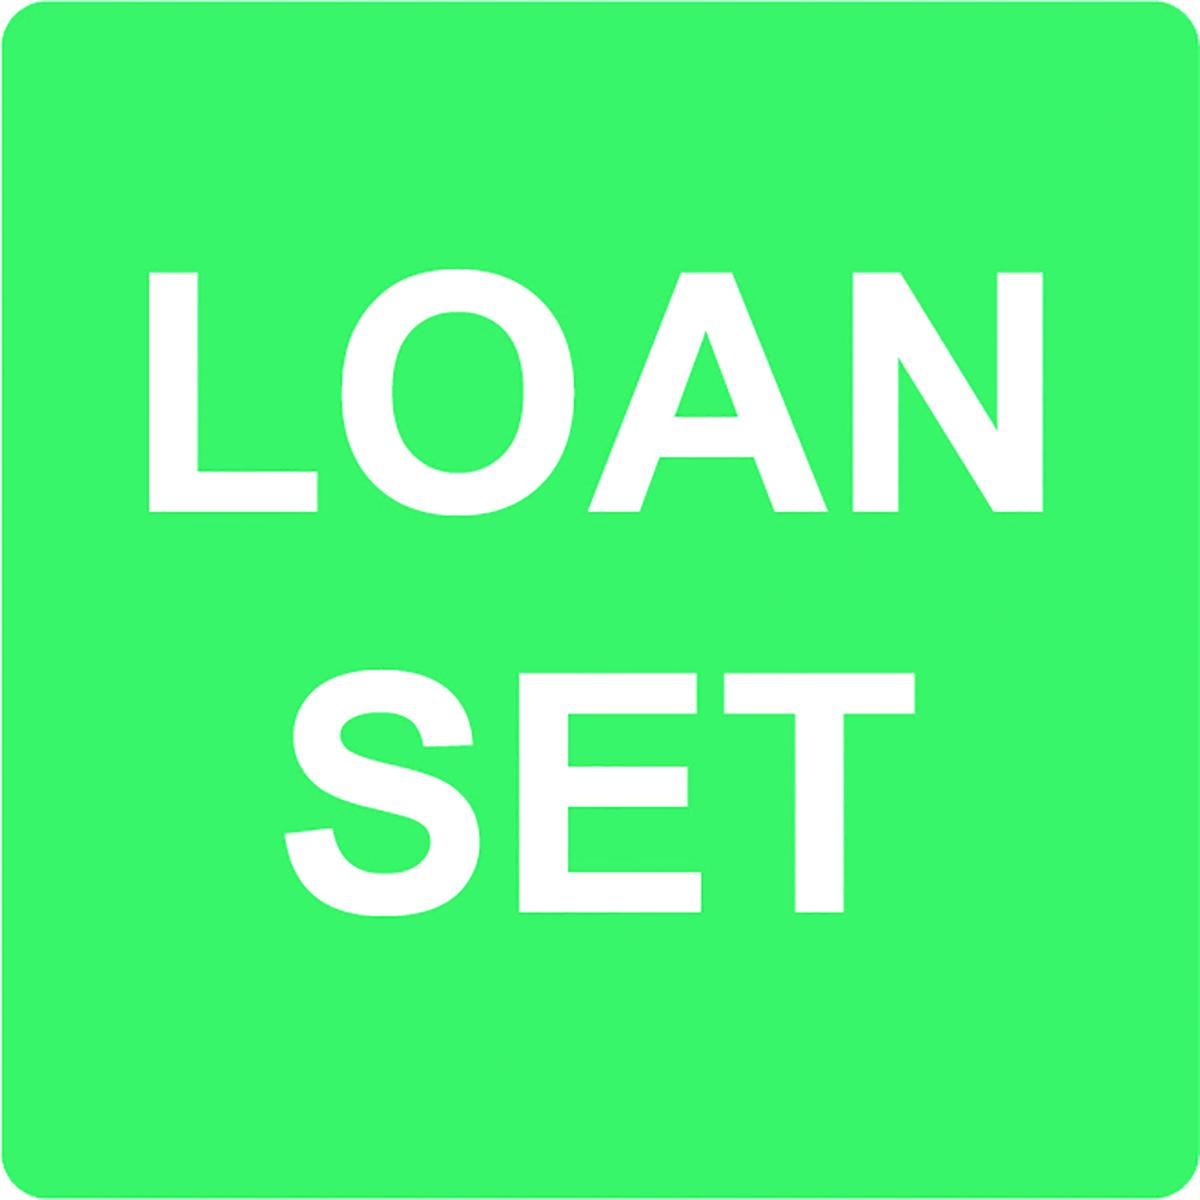 Loan Set Alert Label  Image